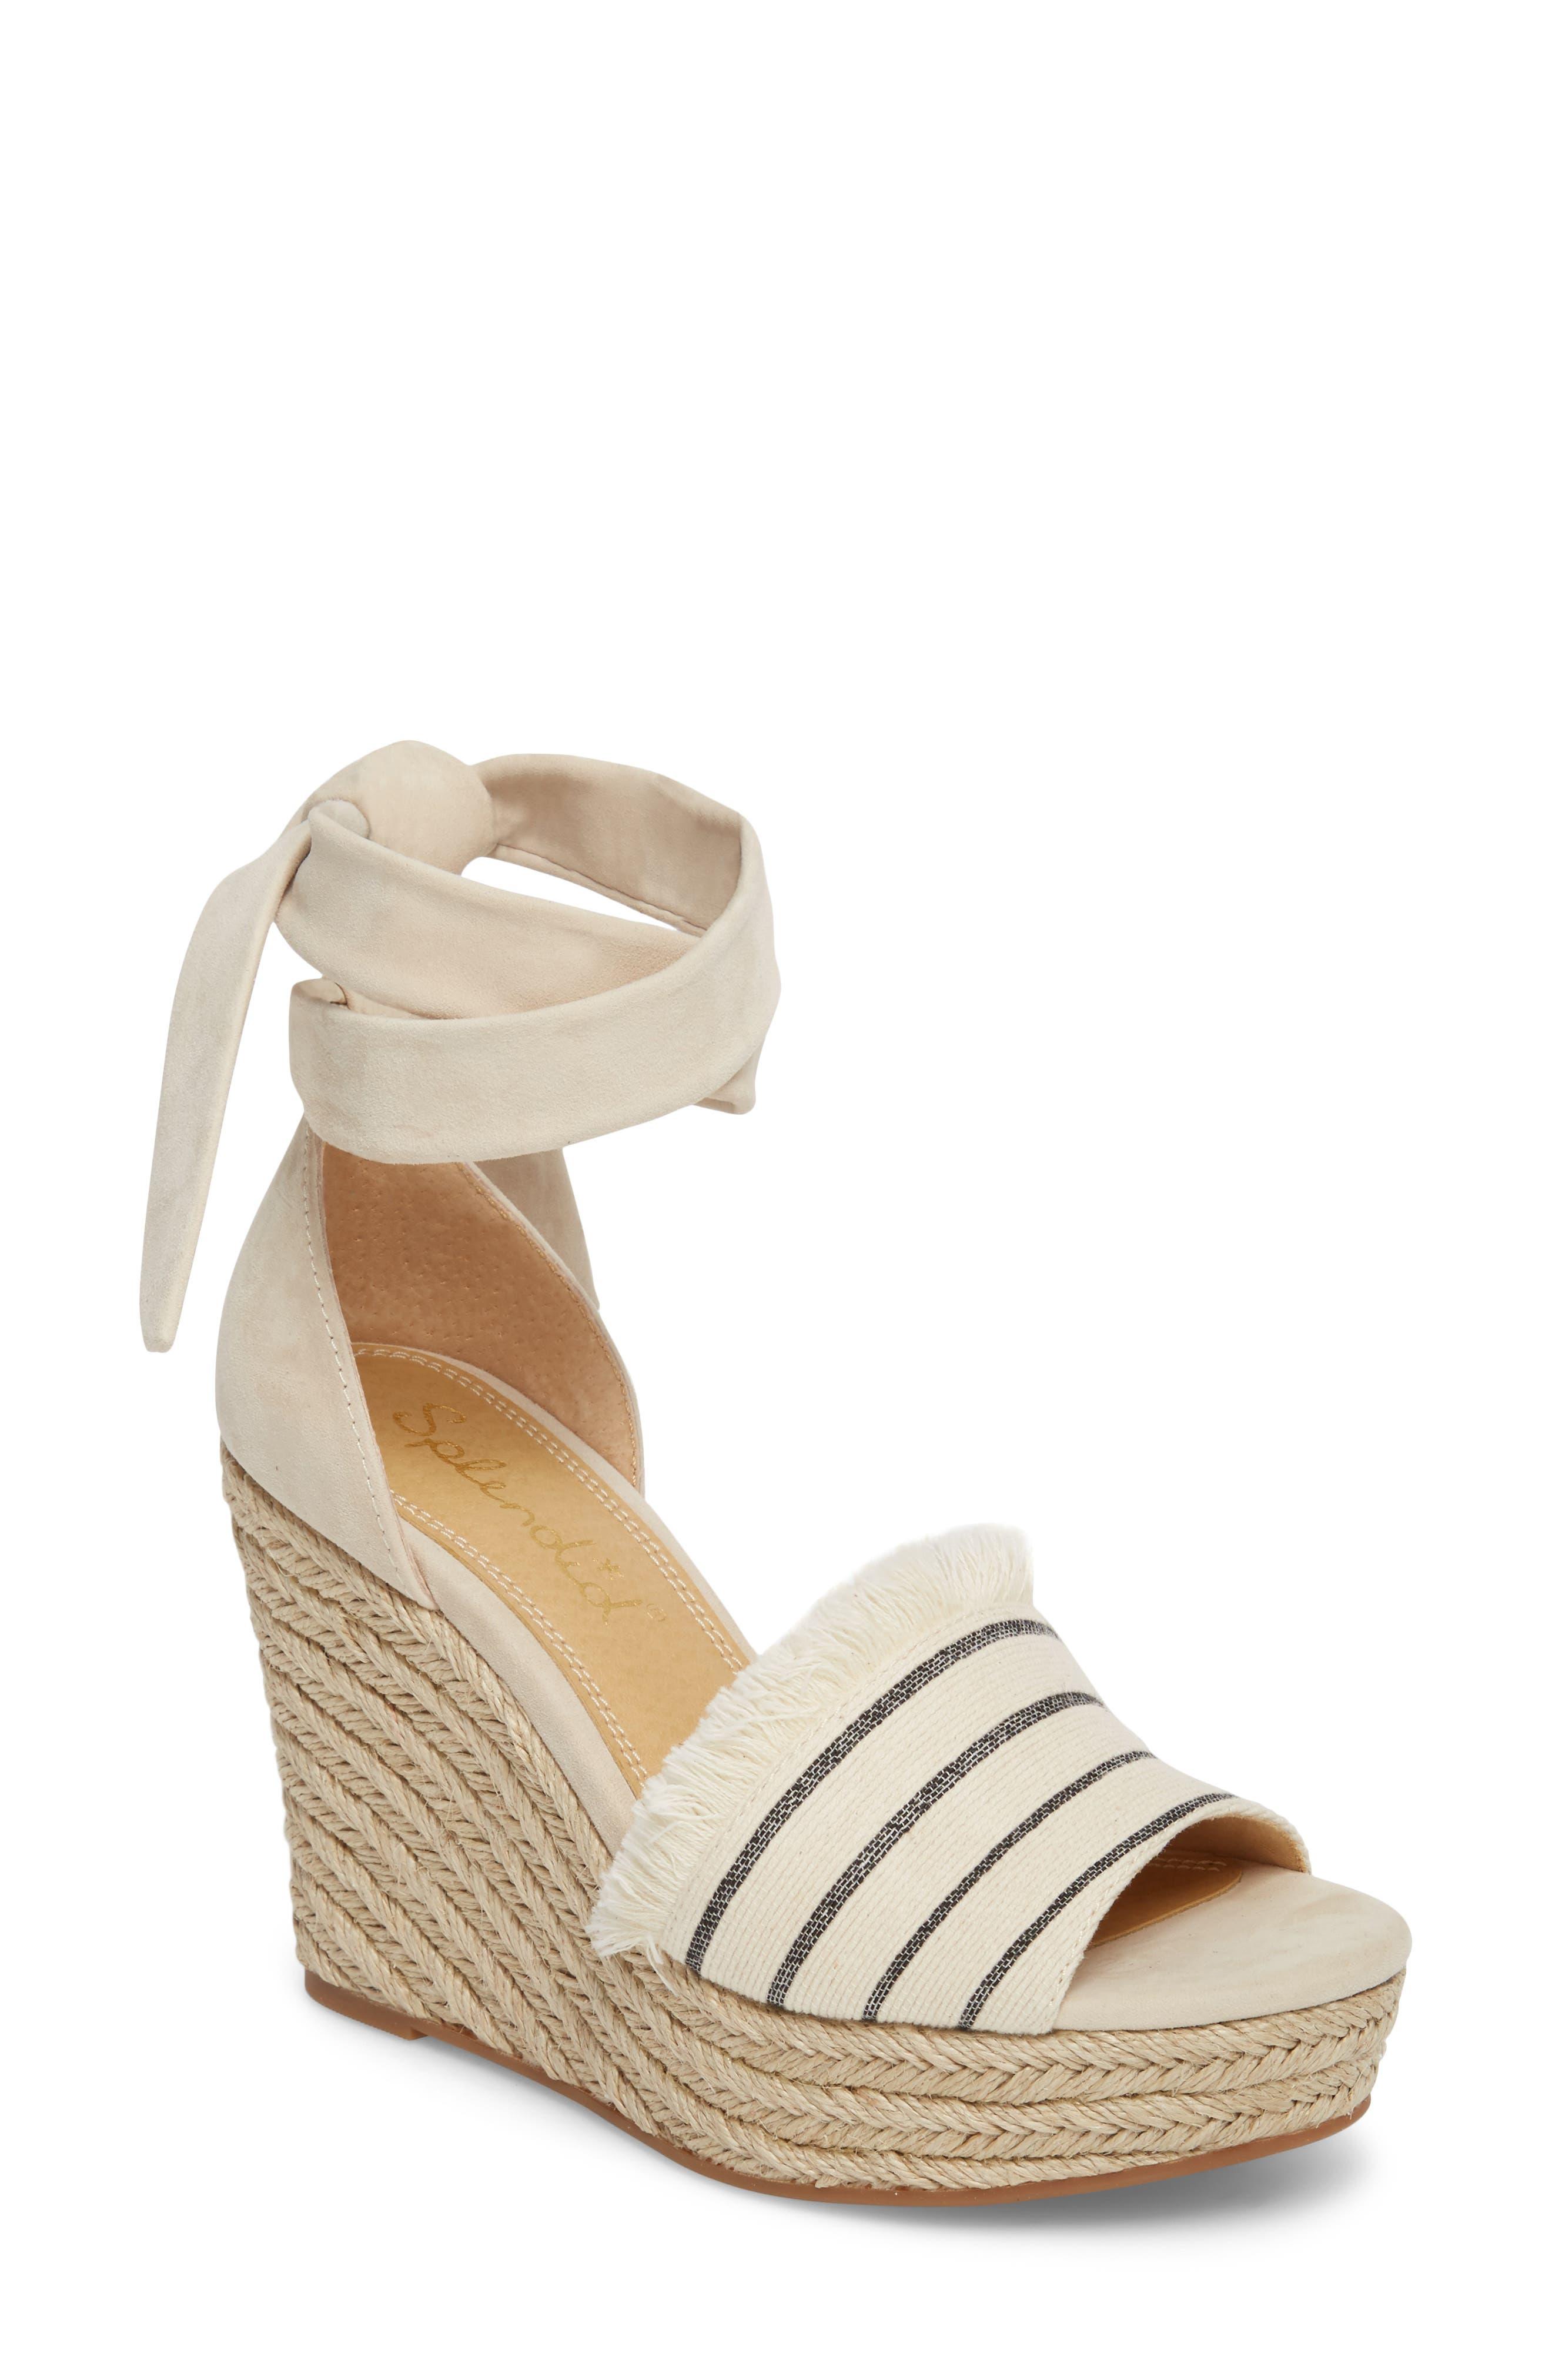 Alternate Image 1 Selected - Splendid Barke Fringed Platform Wedge Sandal (Women)